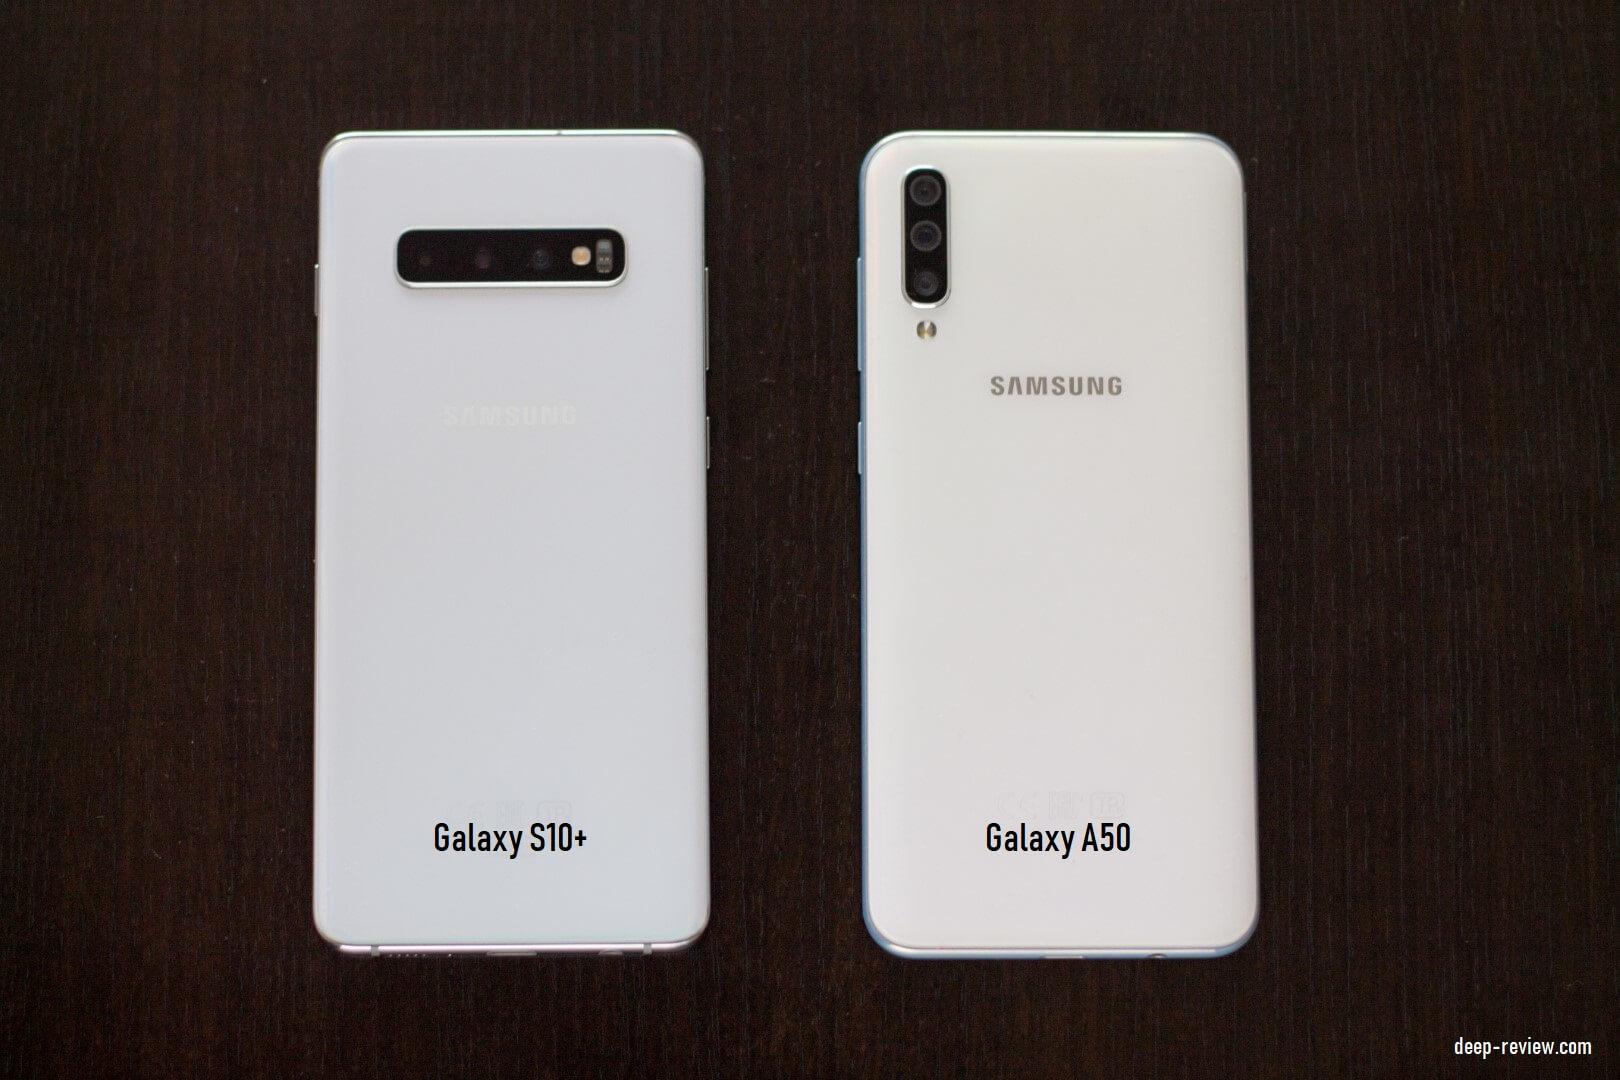 Как отличается белый цвет корпуса Galaxy S10 и Galaxy A50